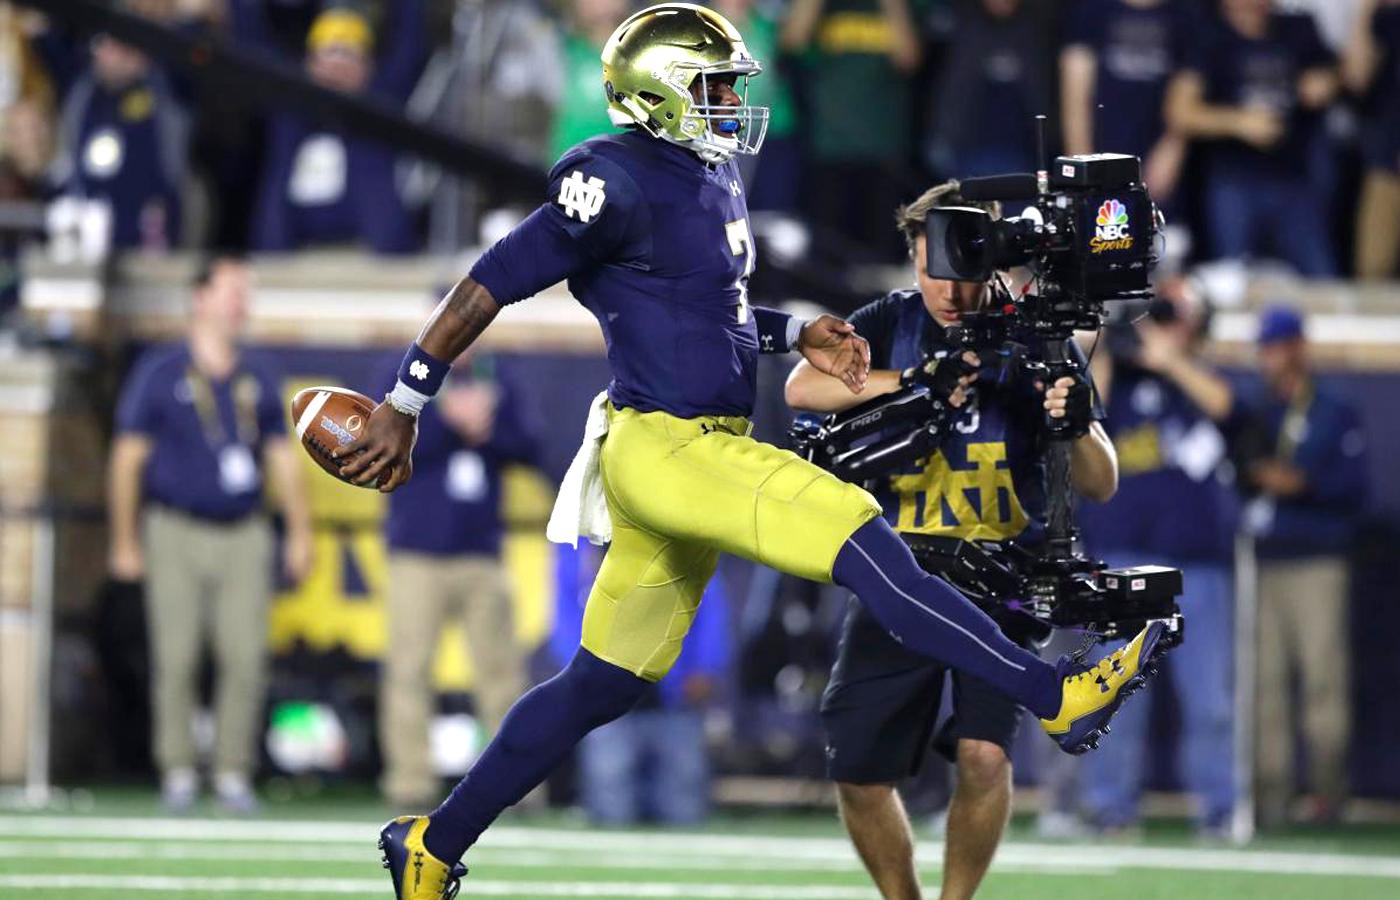 Notre Dame football on NBC - OrlandoSteadicam.com